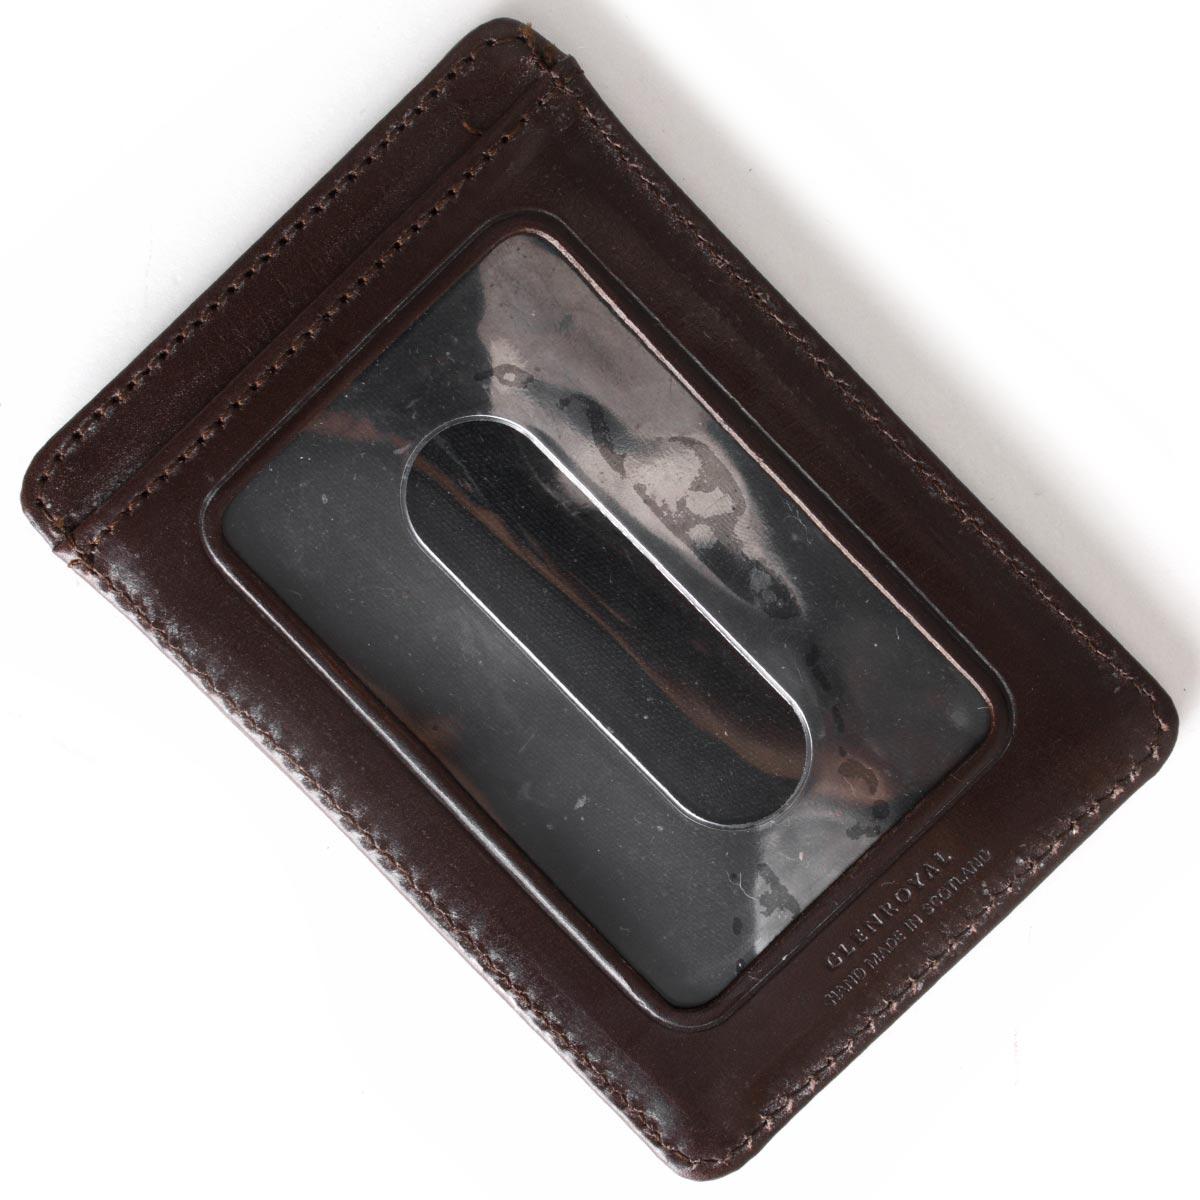 グレンロイヤル カードケース メンズ シガーブラウン 032997 CIGAR GLENROYAL